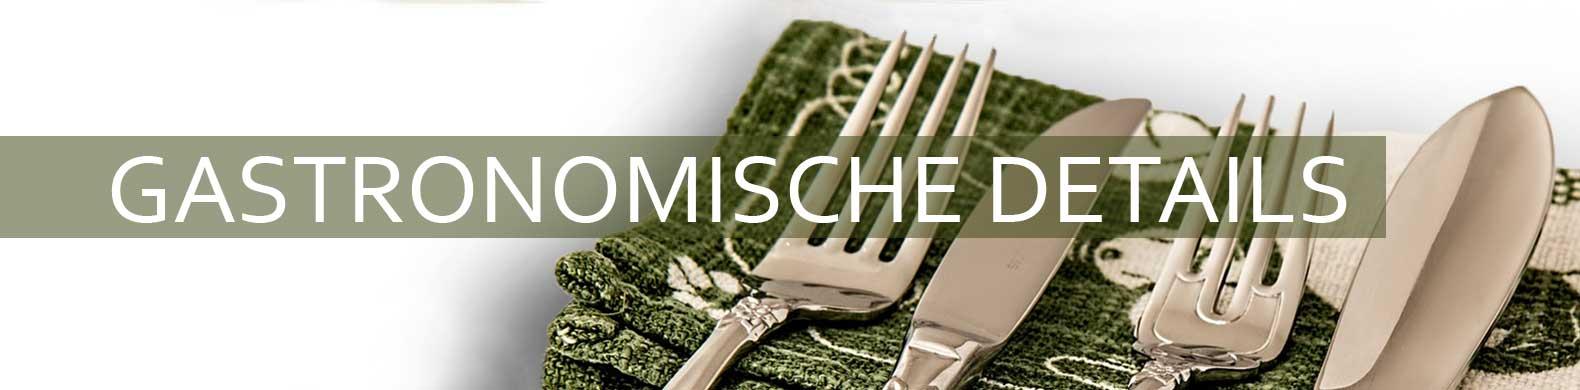 De banner van gastronomische details wordt gezien gedrapeerd over een servet.